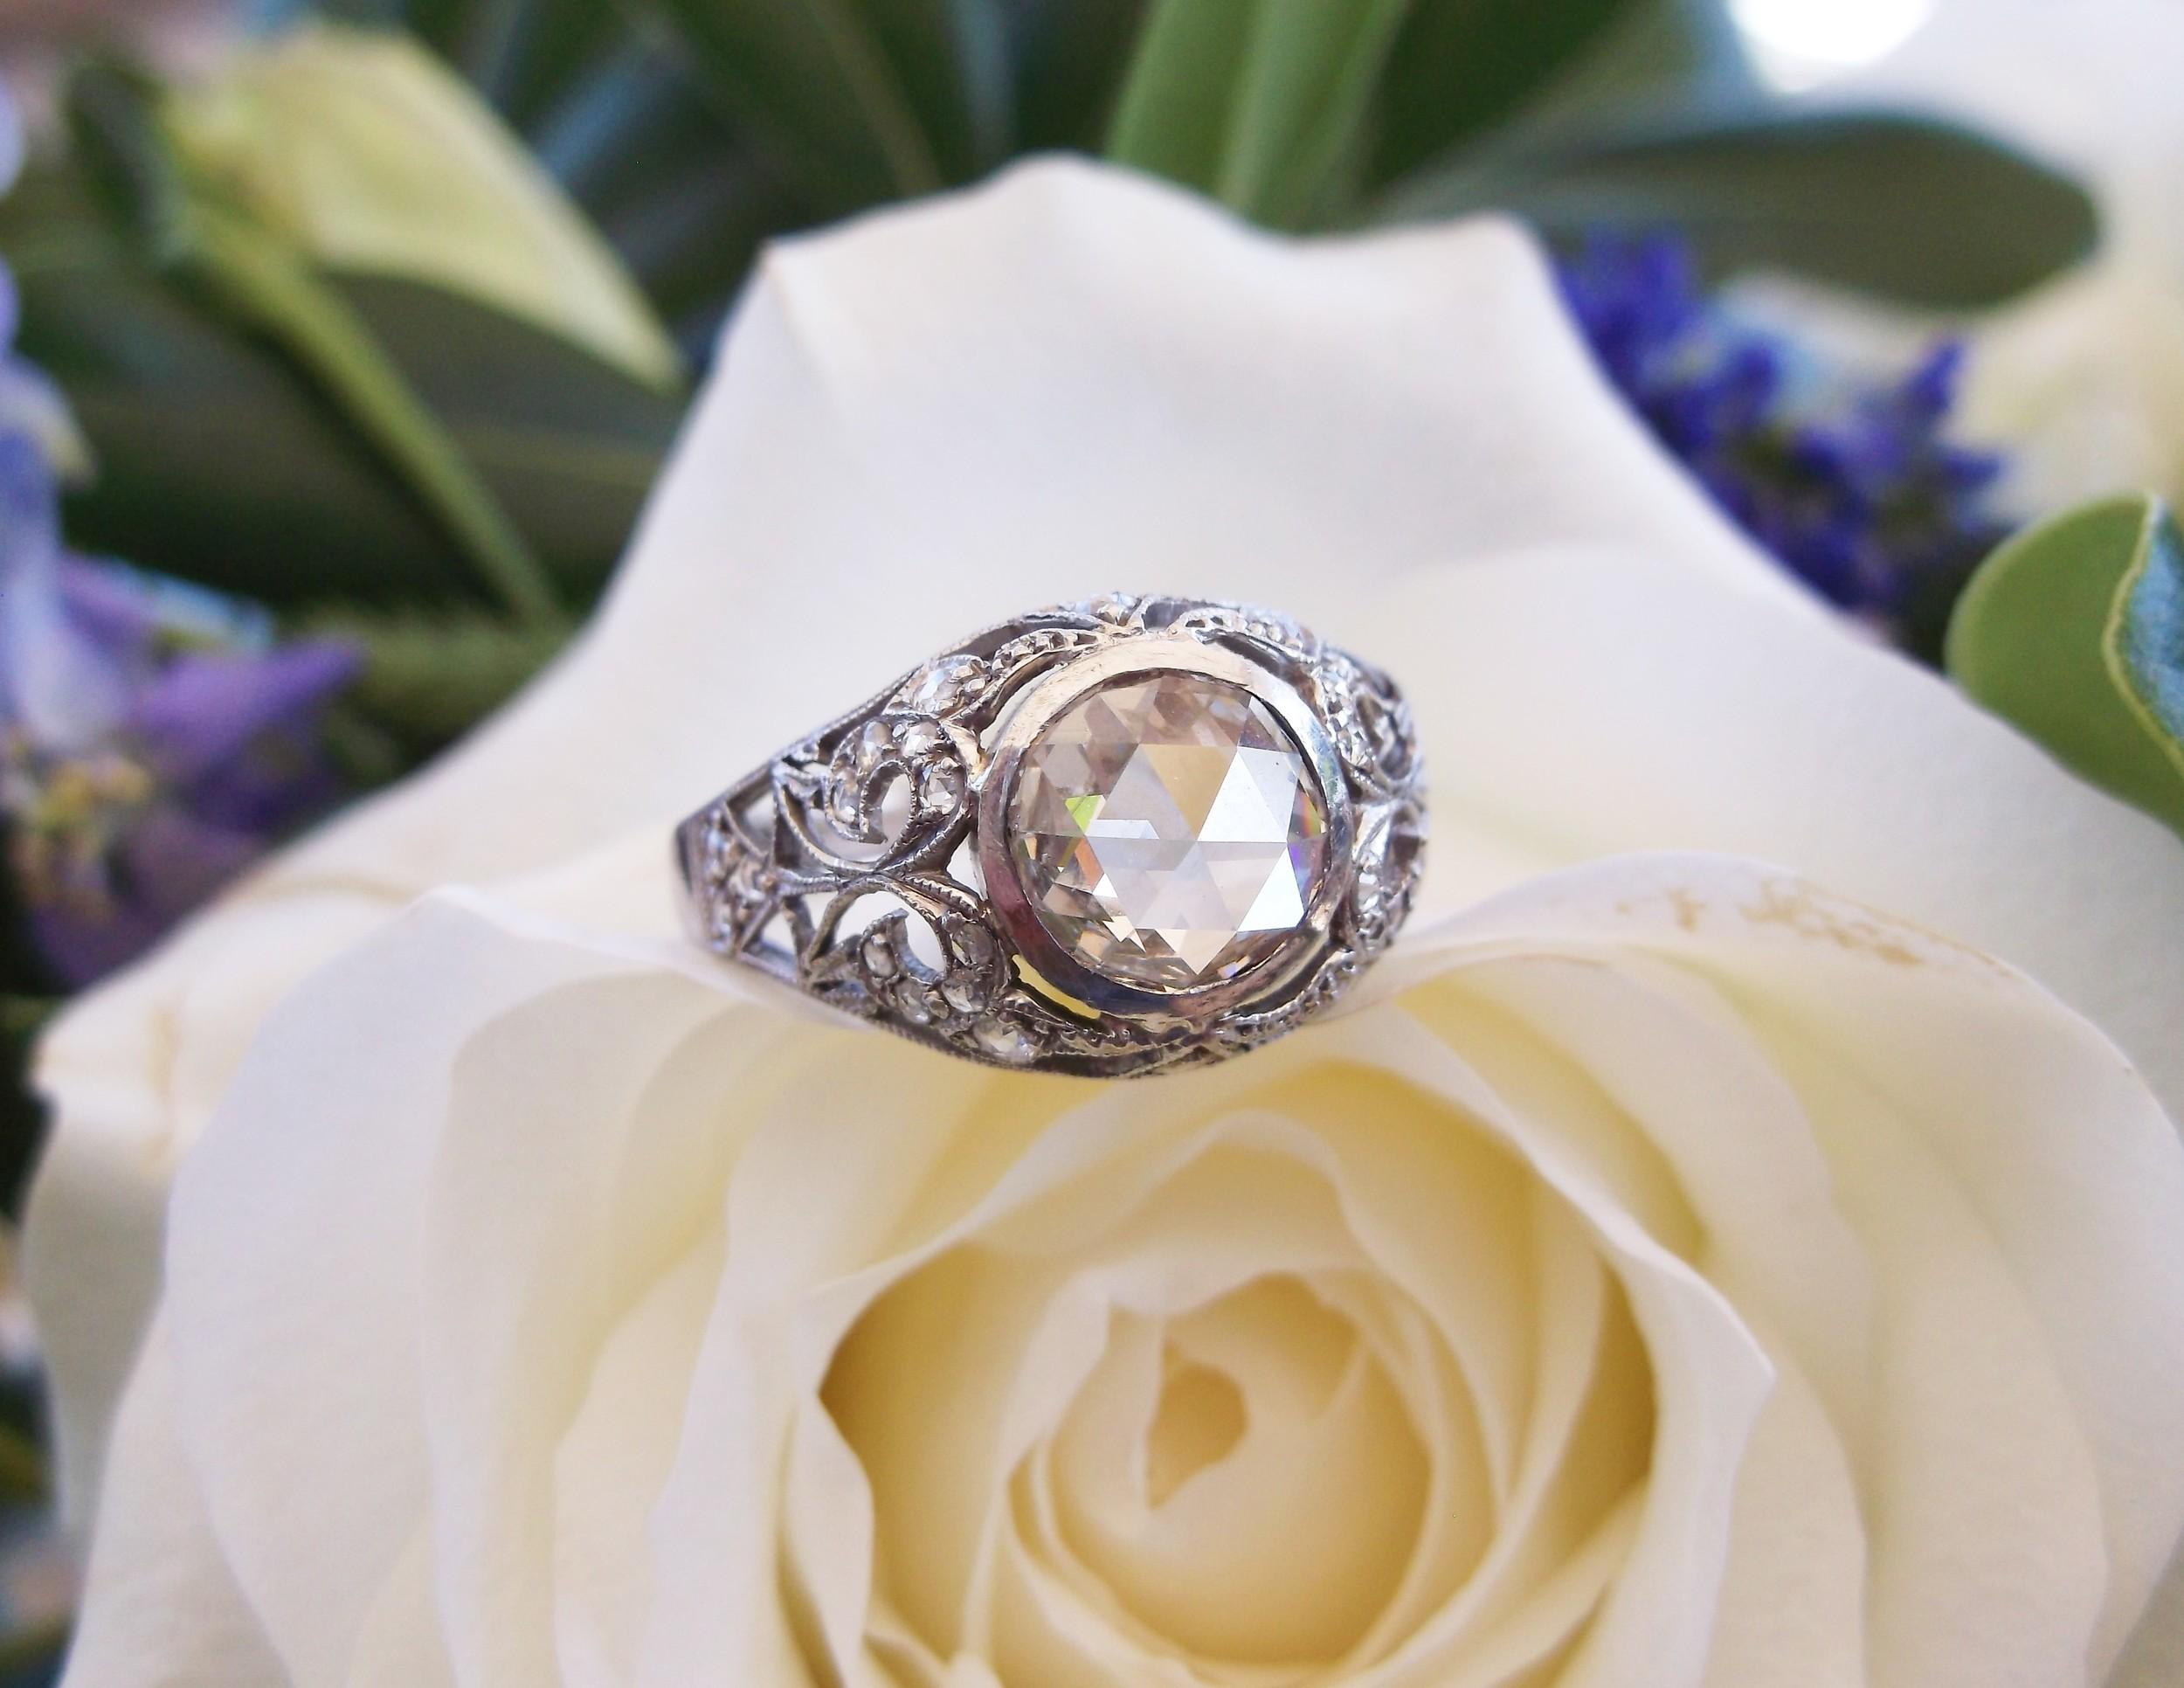 SOLD - Uniquely beautiful 1920's 0.50 carat rose cut diamond and platinum ring.